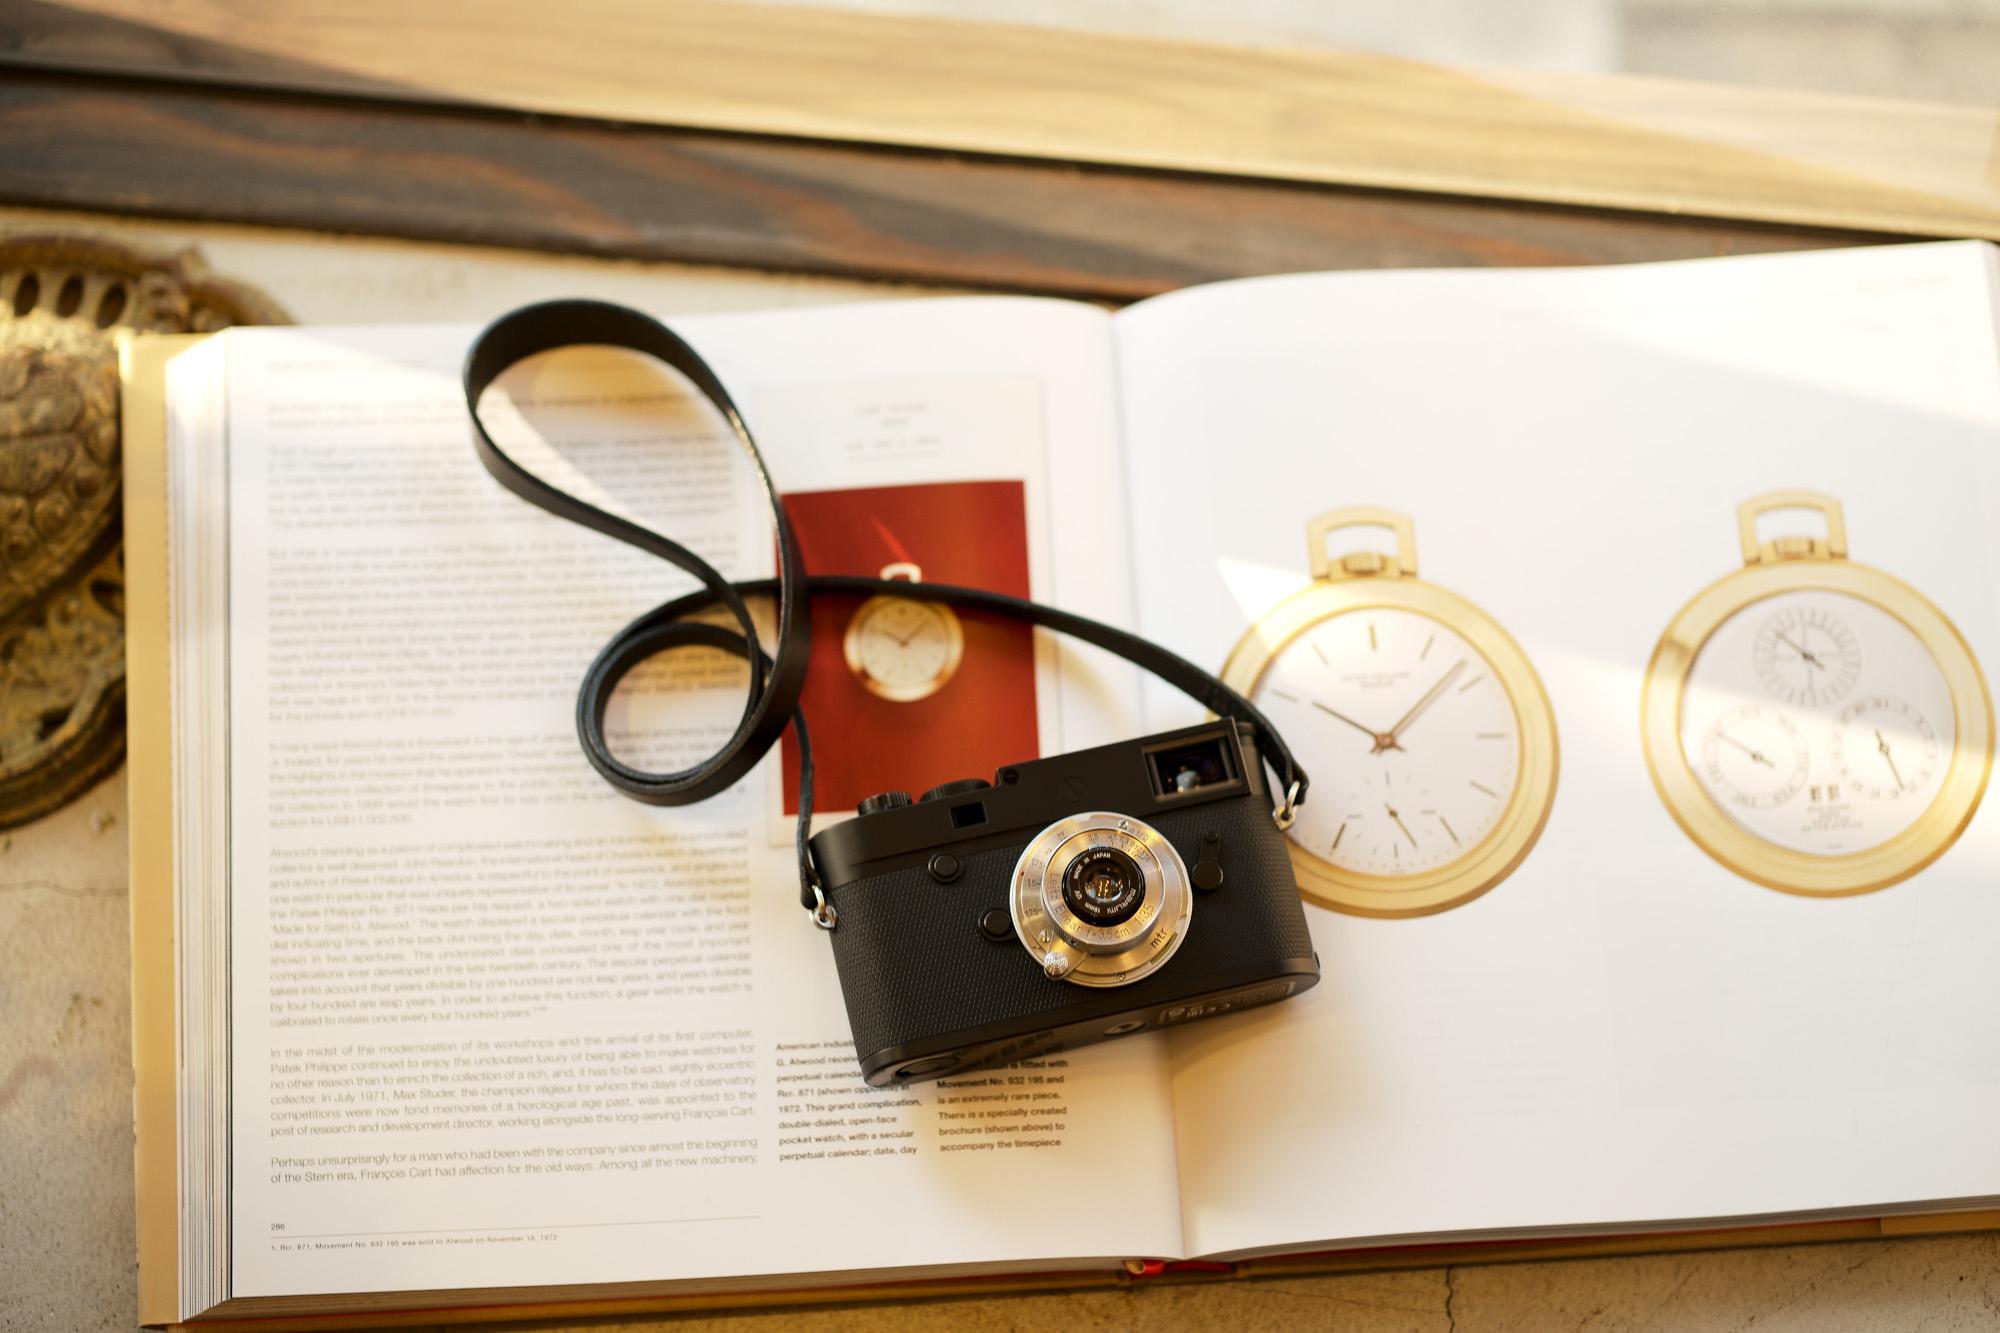 """LEICA M10-P """"ASC 100 Edition""""  ライカ M10 P ライカ 限定モデル ELMAR35 1938年製 エルマー ビンテージレンズ 愛知 名古屋 altoediritto アルトエデリット LEICA M10-P """"ASC 100 Edition"""" 映画製作者のためのM型カメラライカは、全米撮影監督協会(American Society of Cinematographers、ASC)の設立100周年を記念し、映画の世界にふさわしい特別モデル「ライカM10-P """"ASC 100 Edition""""」を発表いたしました。     映画芸術を推進するために1919年に設立された全米撮影監督協会は、この分野では世界で最も長い歴史を持ち、時代を代表する撮影監督たちが会員となってきました。ハリウッドに本部を置く同協会は、ライカと同じく100年以上にわたり、あらゆる世界の文化人に影響を与え、それを形作ってきました。同協会が2019年2月に33回目を数える名誉あるASCアワードを表彰したことに合わせ、映画製作者のための特別モデル「ライカM10-P """"ASC 100 Edition」がお披露目されました。無類の写真好きだったオスカー・バルナックは、重量のあるスチルカメラの扱いにくさを軽減する必要性を感じていました。そこで、当時の映画製作者が主に使用していた35mm映画用フィルムを使用し、映画の2コマ分を1画面として使う24×36mmのフィルムサイズを採用したスチルカメラを製作しました。これについて、彼は自身のメモに「Mikrokinoeinrichtung fertig für Aufnahmen」(映画の撮影に対応したマイクロシネ装置)と書き記しています。この発想から1914年に「ウル・ライカ」が生まれることになり、現代に続く35mm判の基礎となりました。これが「ウル・ライカ」の誕生にまつわる1つのストーリーですが、実はその裏にもう1つのストーリーがあります。オスカー・バルナックは当時、映画用フィルムの露出をテストできる装置を求めていました。20世紀初頭ごろは、撮影する前にシーンの視覚的および技術的特性をチェックするのは、現代以上に大変な作業でした。当時の映画製作者は、大型で重いシネカメラで貴重な35mmフィルムを回し続けて撮影しながら、適正露出を調べなくてはならなかったのです。オスカー・バルナックはこれに対し、自身が開発した画期的な「ウル・ライカ」のおかげで、フィルムのわずか1コマを露出させるだけでこれを確認できるようにしました。さらに、彼はこの技術に磨きをかけ、露出過度および露出不足のフィルムを使用して、理想的な露出値の近似値を得ることに成功しました。バルナックが生み出した35mm判スチルカメラ第1号機によってフォトグラフィーの世界に新時代が到来したことで、ライカの名は映画製作と強く結びつくことになりました。そしてこの度、1世紀以上前に始まったストーリーに新たなエピソードが加わりました。それが、バルナックの独創的な発想を現代に色濃く伝える特別モデル「ライカM10-P """"ASC 100 Edition""""」です。この特別モデルは、市販されているカメラの中で、写真に映画の質感を再現することができる唯一のカメラです。このモデルで初めて、シーンの特性、主観的な「感じ方」やフレーミングなどを確実かつ容易に解釈できるようになりました。シネルックの特別な仕様の「ライカM10-P」とレンズ「ライカ ズミクロンM f2.0/35mm ASPH.」を組み合わせたこの特別モデルは、卓越した視覚体験を提供したいと考える映画監督や映画製作者の大きな力となる、まさにプロ向けのアイテムと言えます。2つのシネルックモデルは、ライカの画質を担当するスペシャリストと世界的な影響力を持つ映画製作者やASCのメンバーが協力して開発しました。「ASC Cine Classic」モードでは35mm映画用フィルムの質感を、「ASC Contemporary」モードでは現代映画の最先端のデジタル的な質感を表現することができます。また、「ライカM10-P """"ASC 100 Edition""""」がプロフェッショナルな映画製作者にとって完璧なアイテムとなるよう、映画撮影に用いられるさまざまなアスペクト比をユーザーが自由に選択できるようになっており、その選択を有効にすると、選択したアスペクト比がブライトフレームとして表示されます。この特別限定モデルには、電子ビューファインダー「ビゾフレックス」と「ライカM-PLマウント」も含まれています。シネルックと選択可能なアスペクト比だけでなく、さらにビューファーンダーを組み合わせると、デジタルシーンファインダーとして活用できます。"""